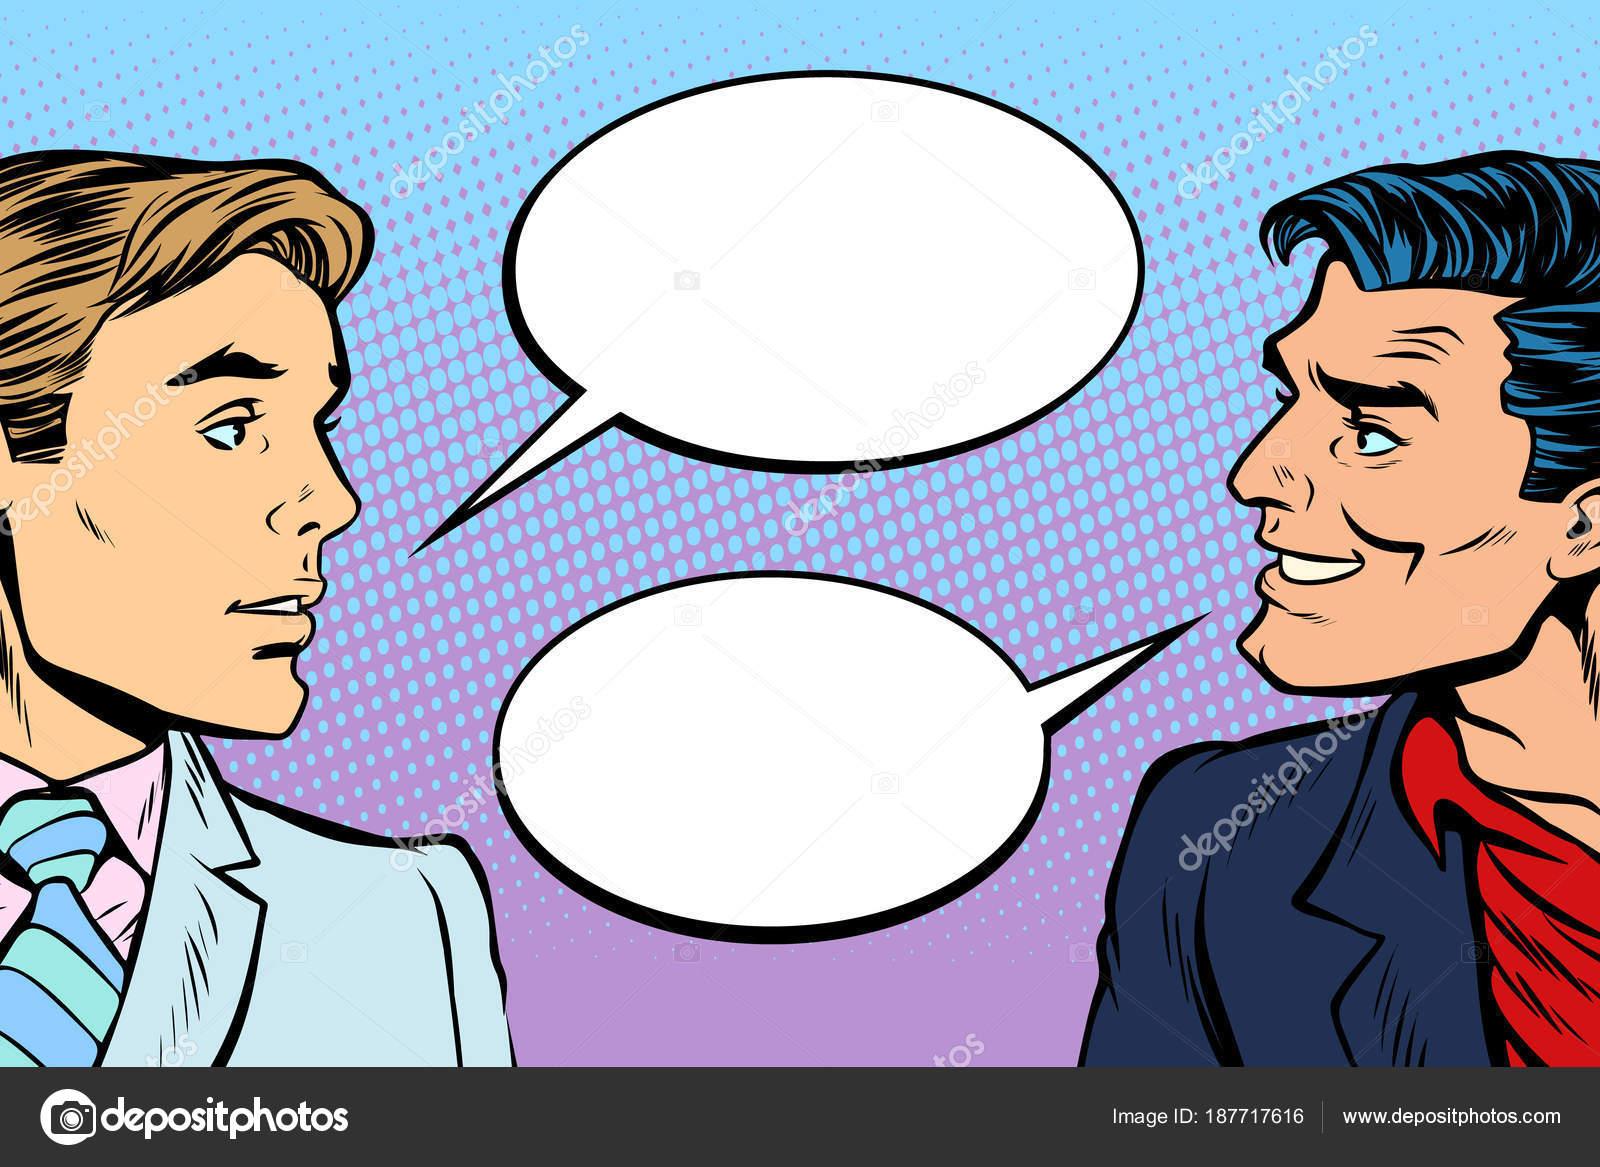 Animado Dialogo Entre Dos Personas Dibujo Diálogo De Dos Hombres